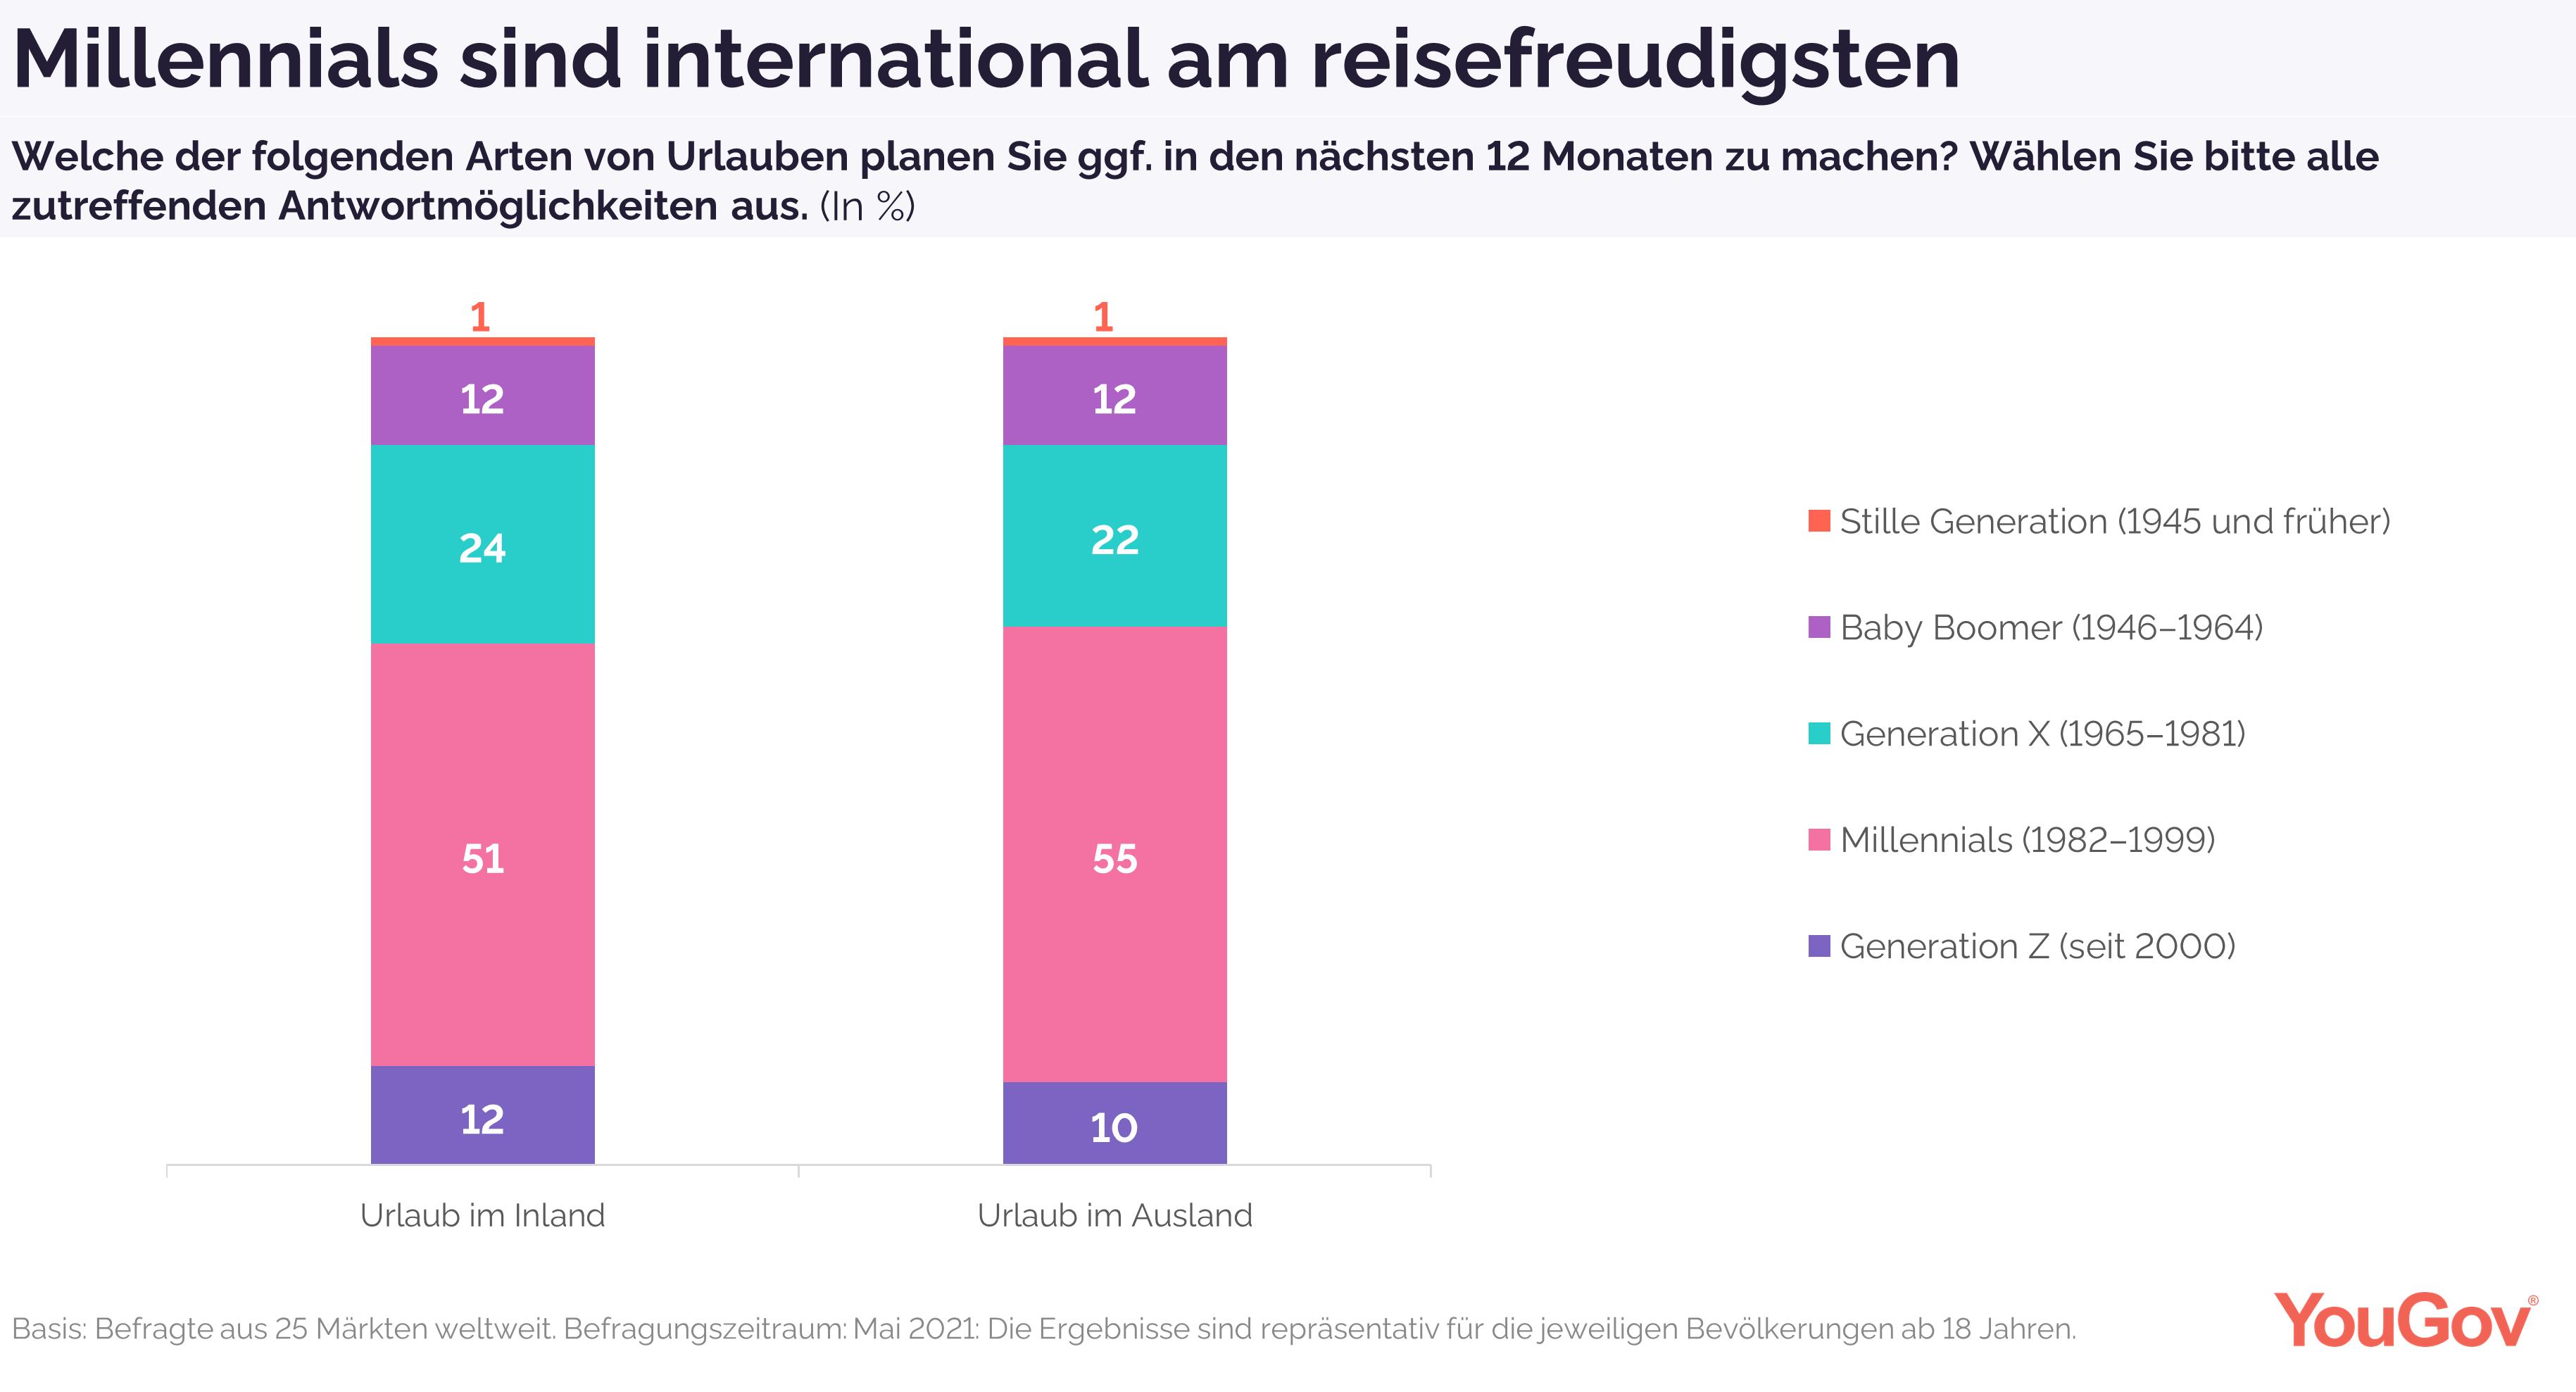 Millennials sind reisefreudigste Altersgruppe